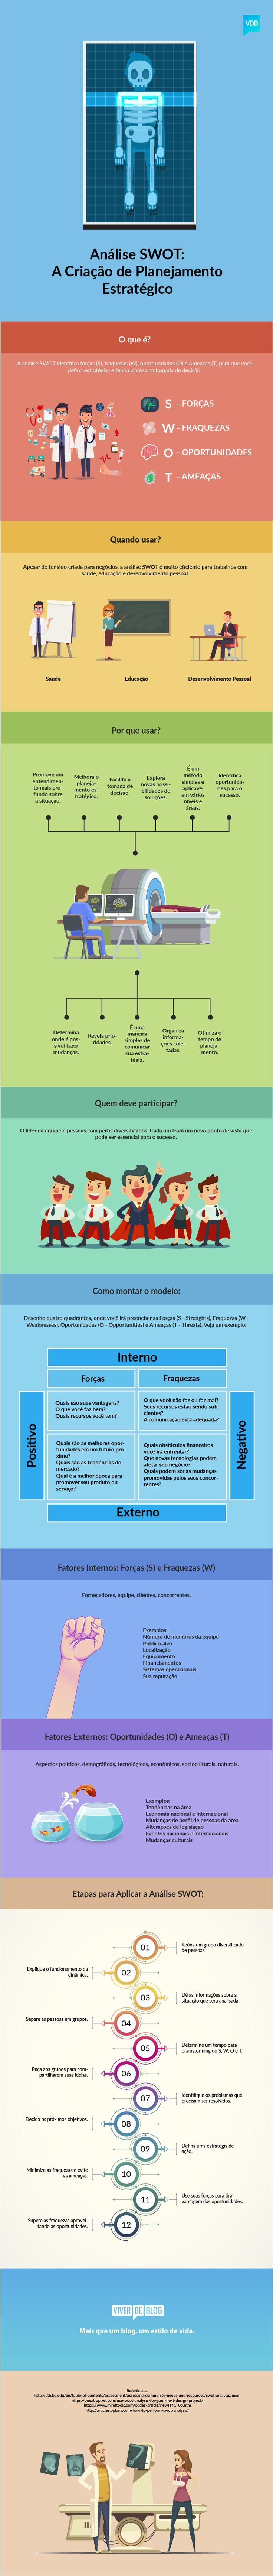 Como Usar a Análise SWOT no Seu Negócio